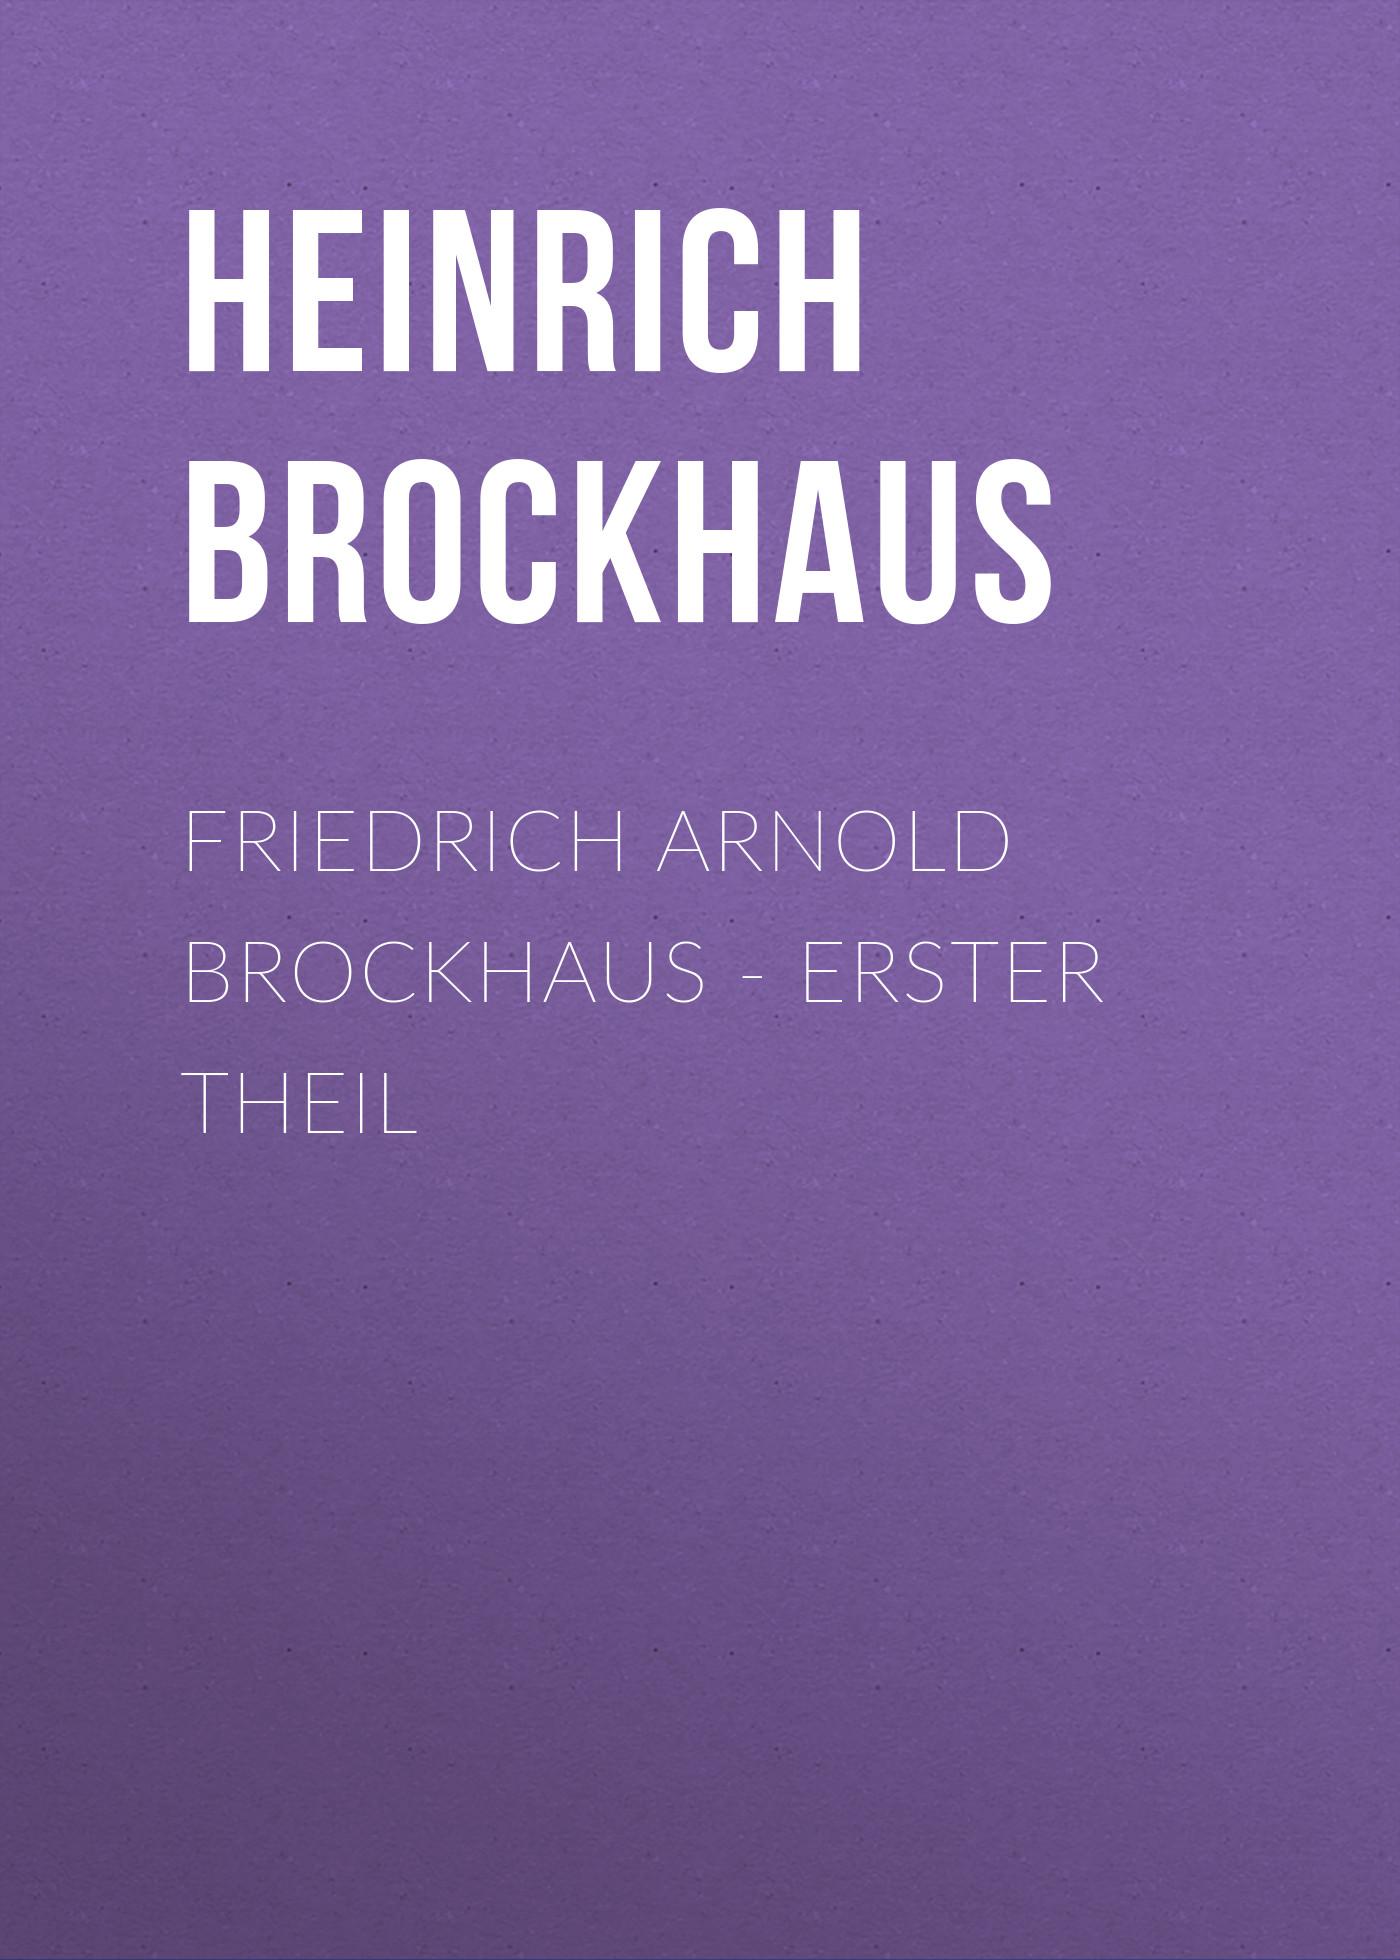 Brockhaus Heinrich Eduard Friedrich Arnold Brockhaus - Erster Theil heinrich eduard brockhaus friedrich arnold brockhaus sein leben und wirken german edition